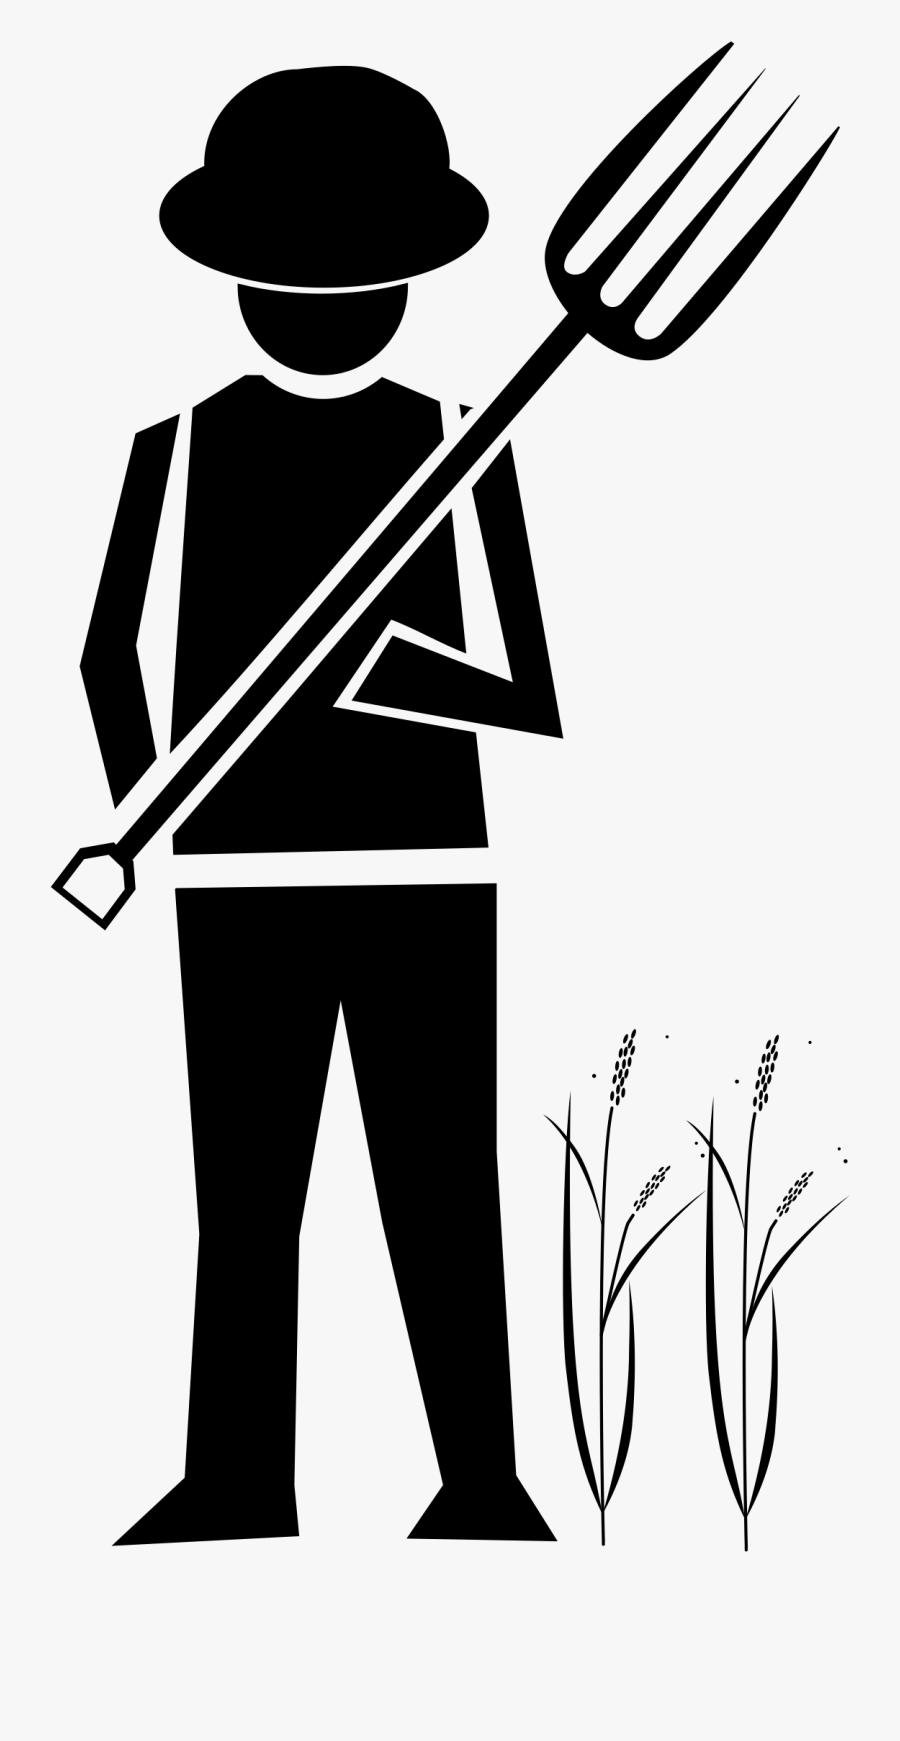 Clip Art Farming Small For - Miner Clip Art, Transparent Clipart